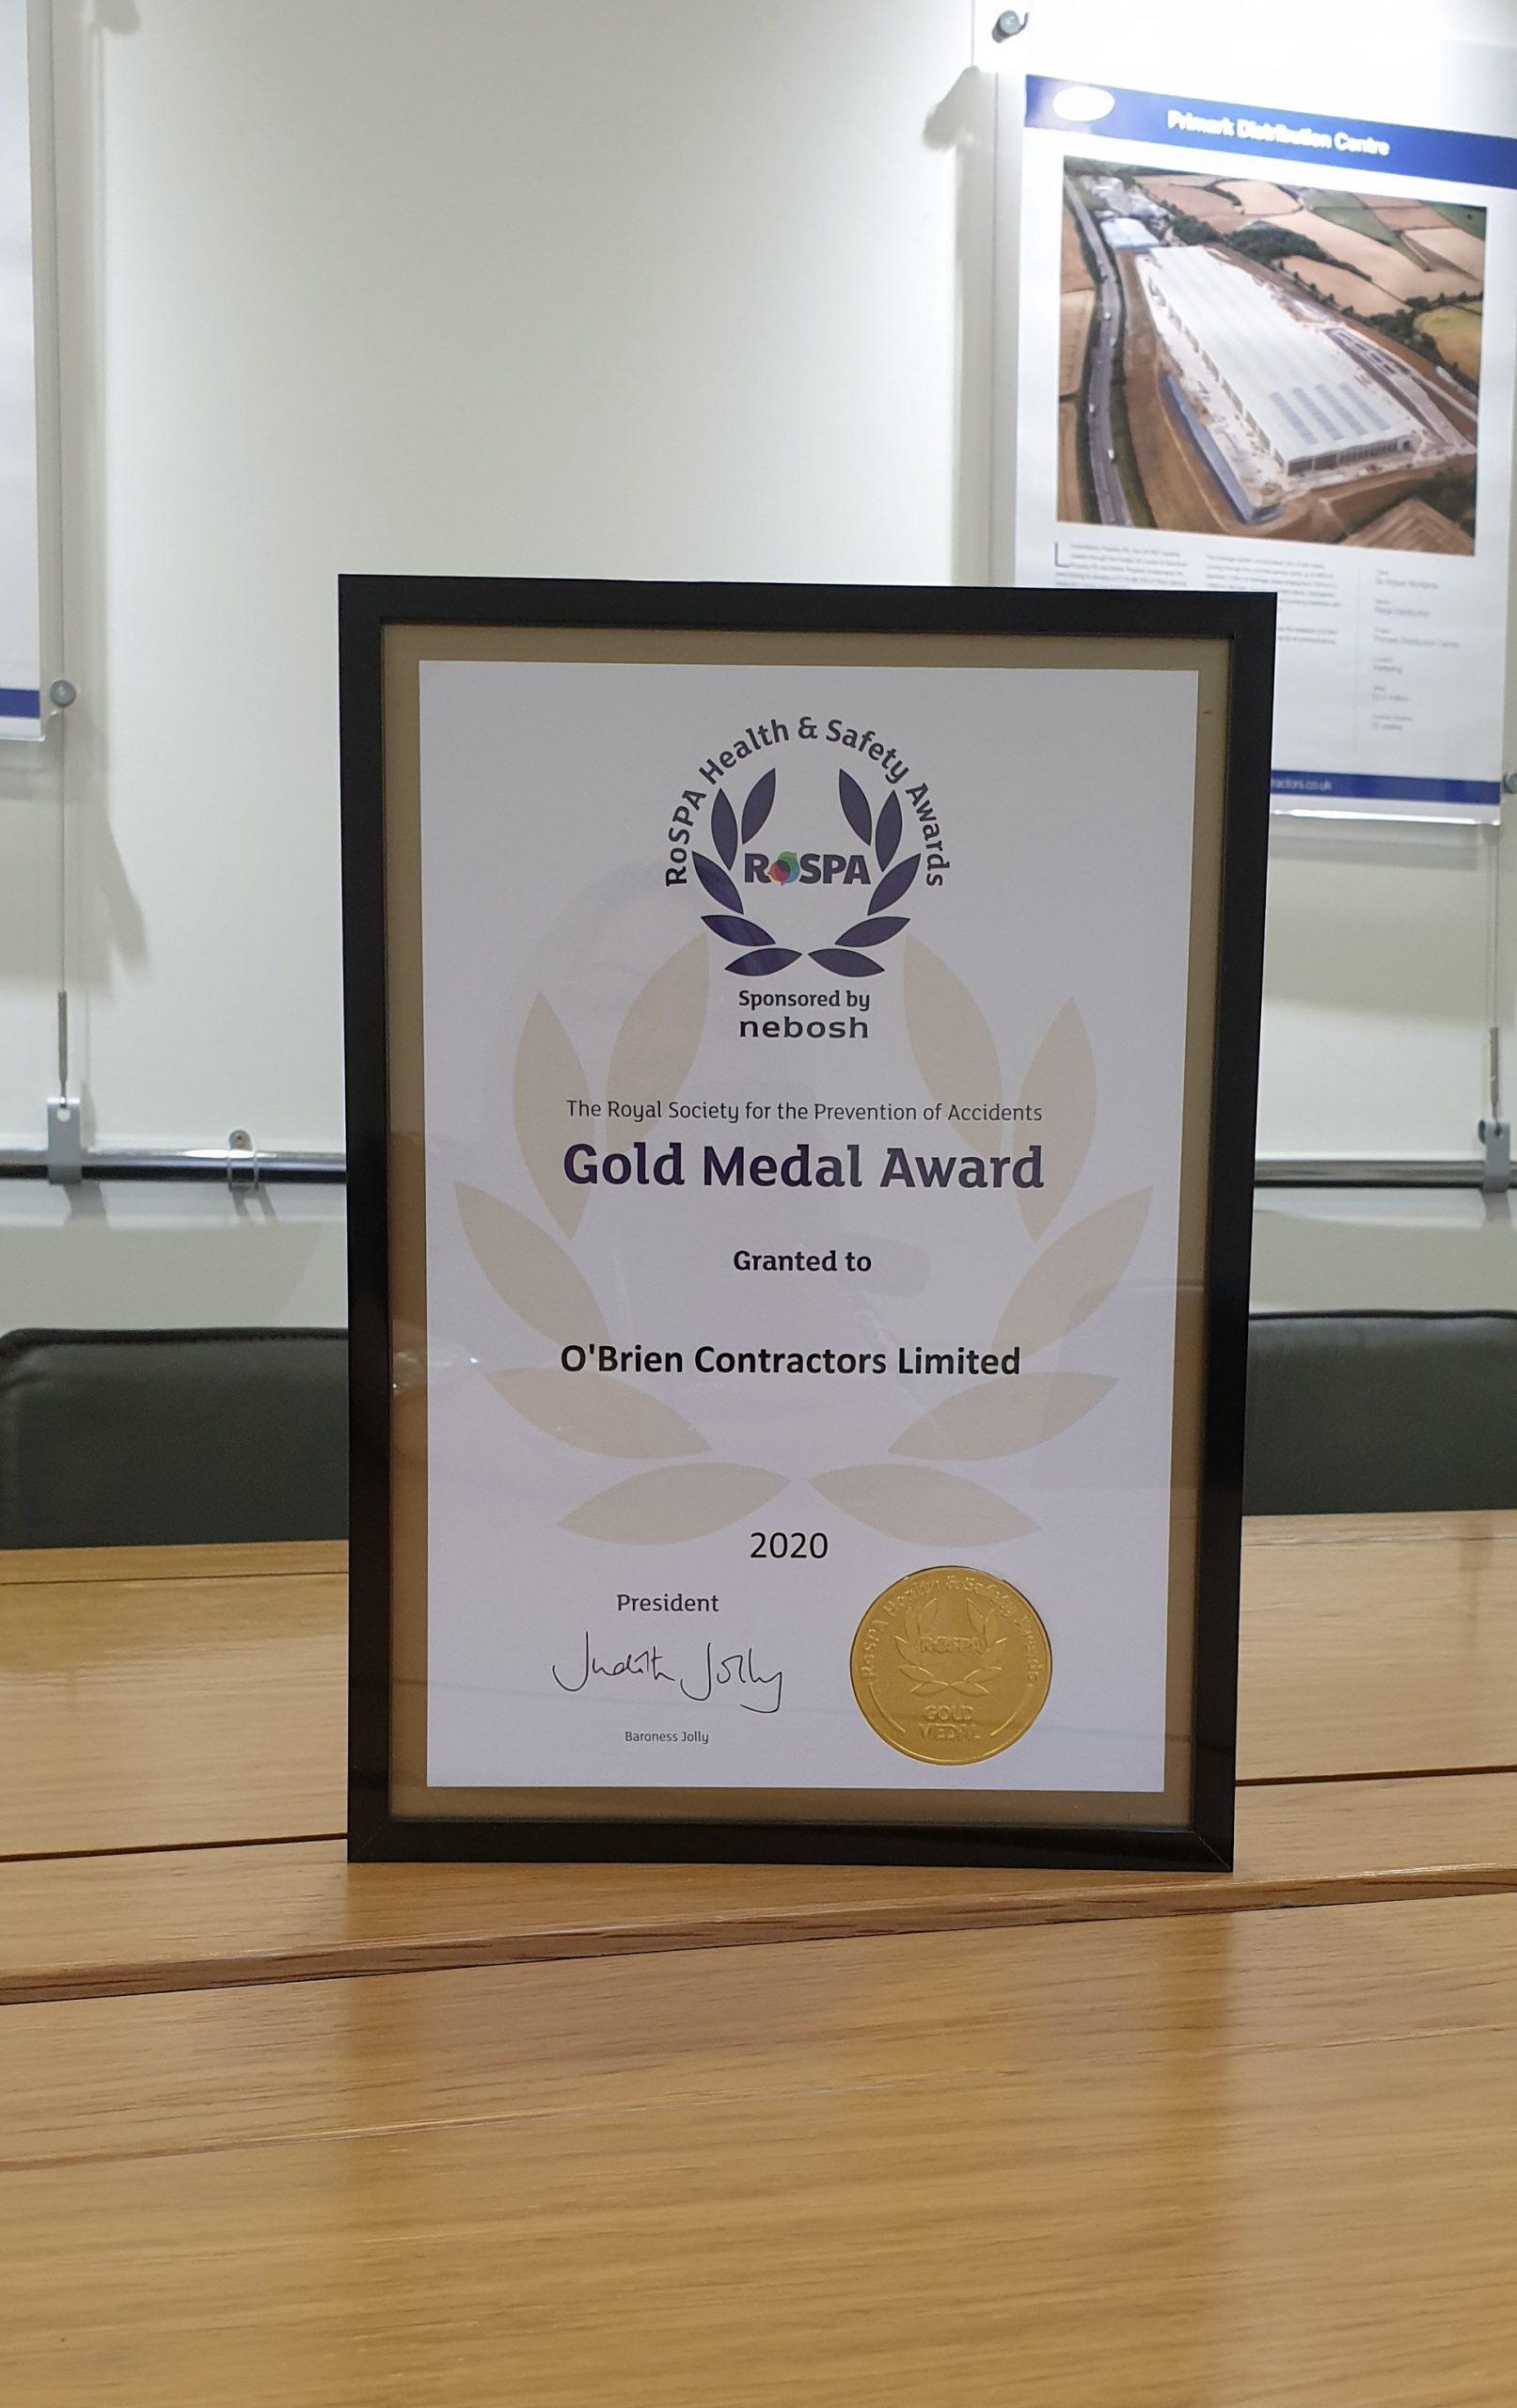 O'Brien Contractors Awarded 7th Consecutive RoSPA Gold Award and (3rd Gold Medal Award)